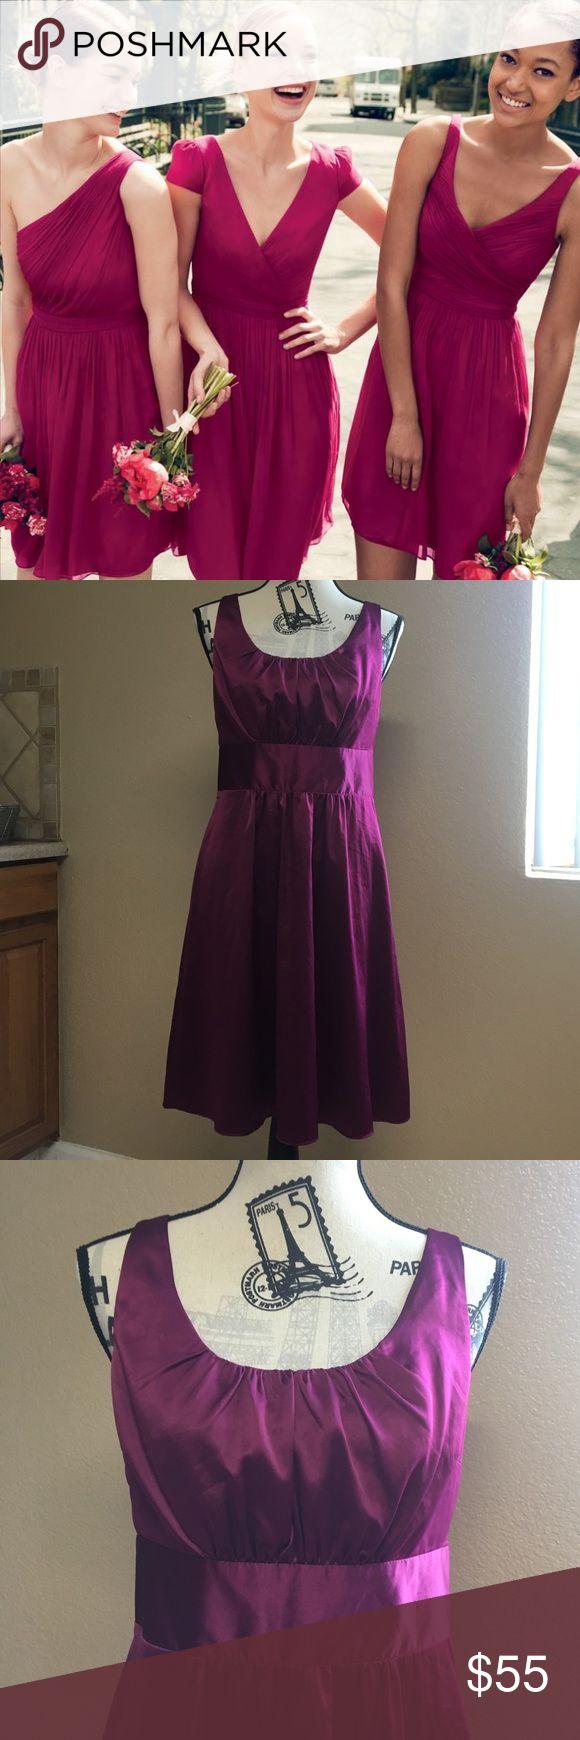 Die besten 25 j crew brautjungfernkleider ideen auf pinterest j crew bridesmaids dress size 8 fuchsia purple ombrellifo Choice Image